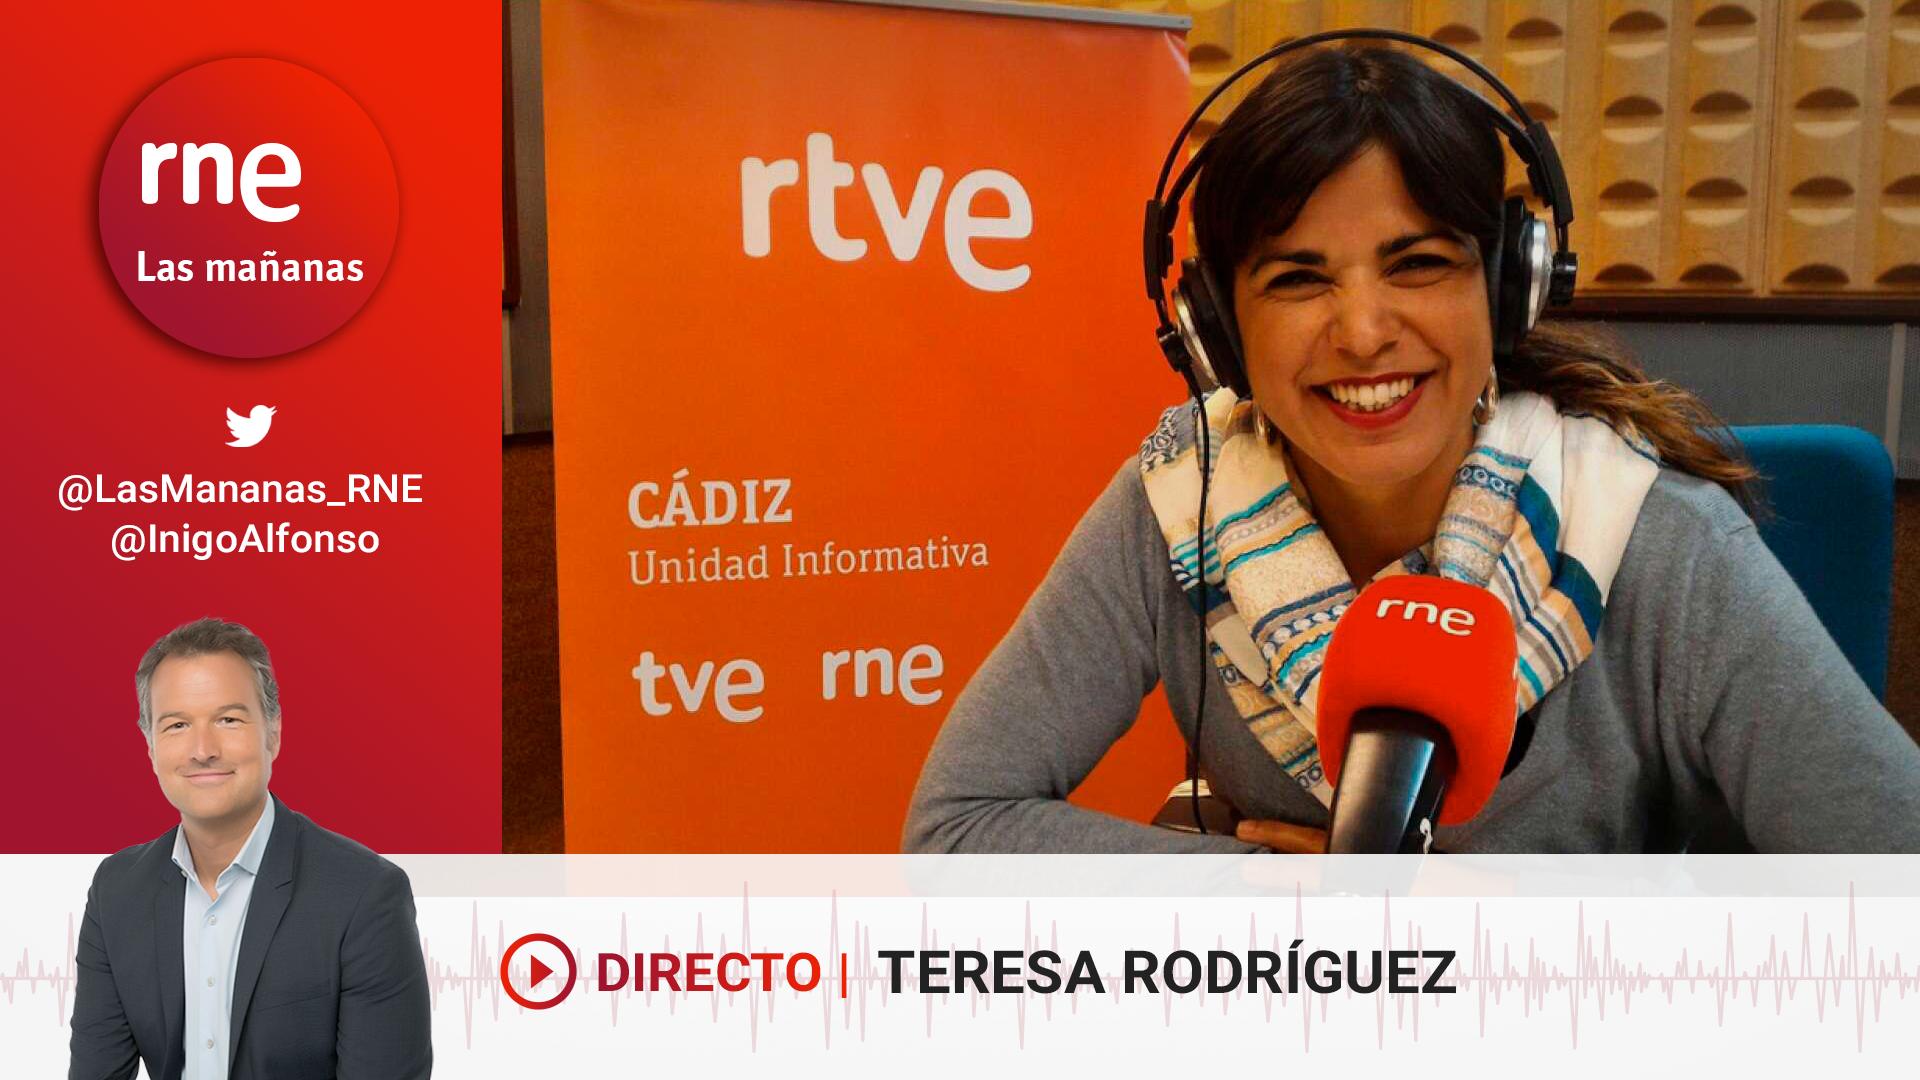 Ir al VideoLas mañanas de RNE con Íñigo Alfonso - Teresa Rodríguez se pasa la parada del bus